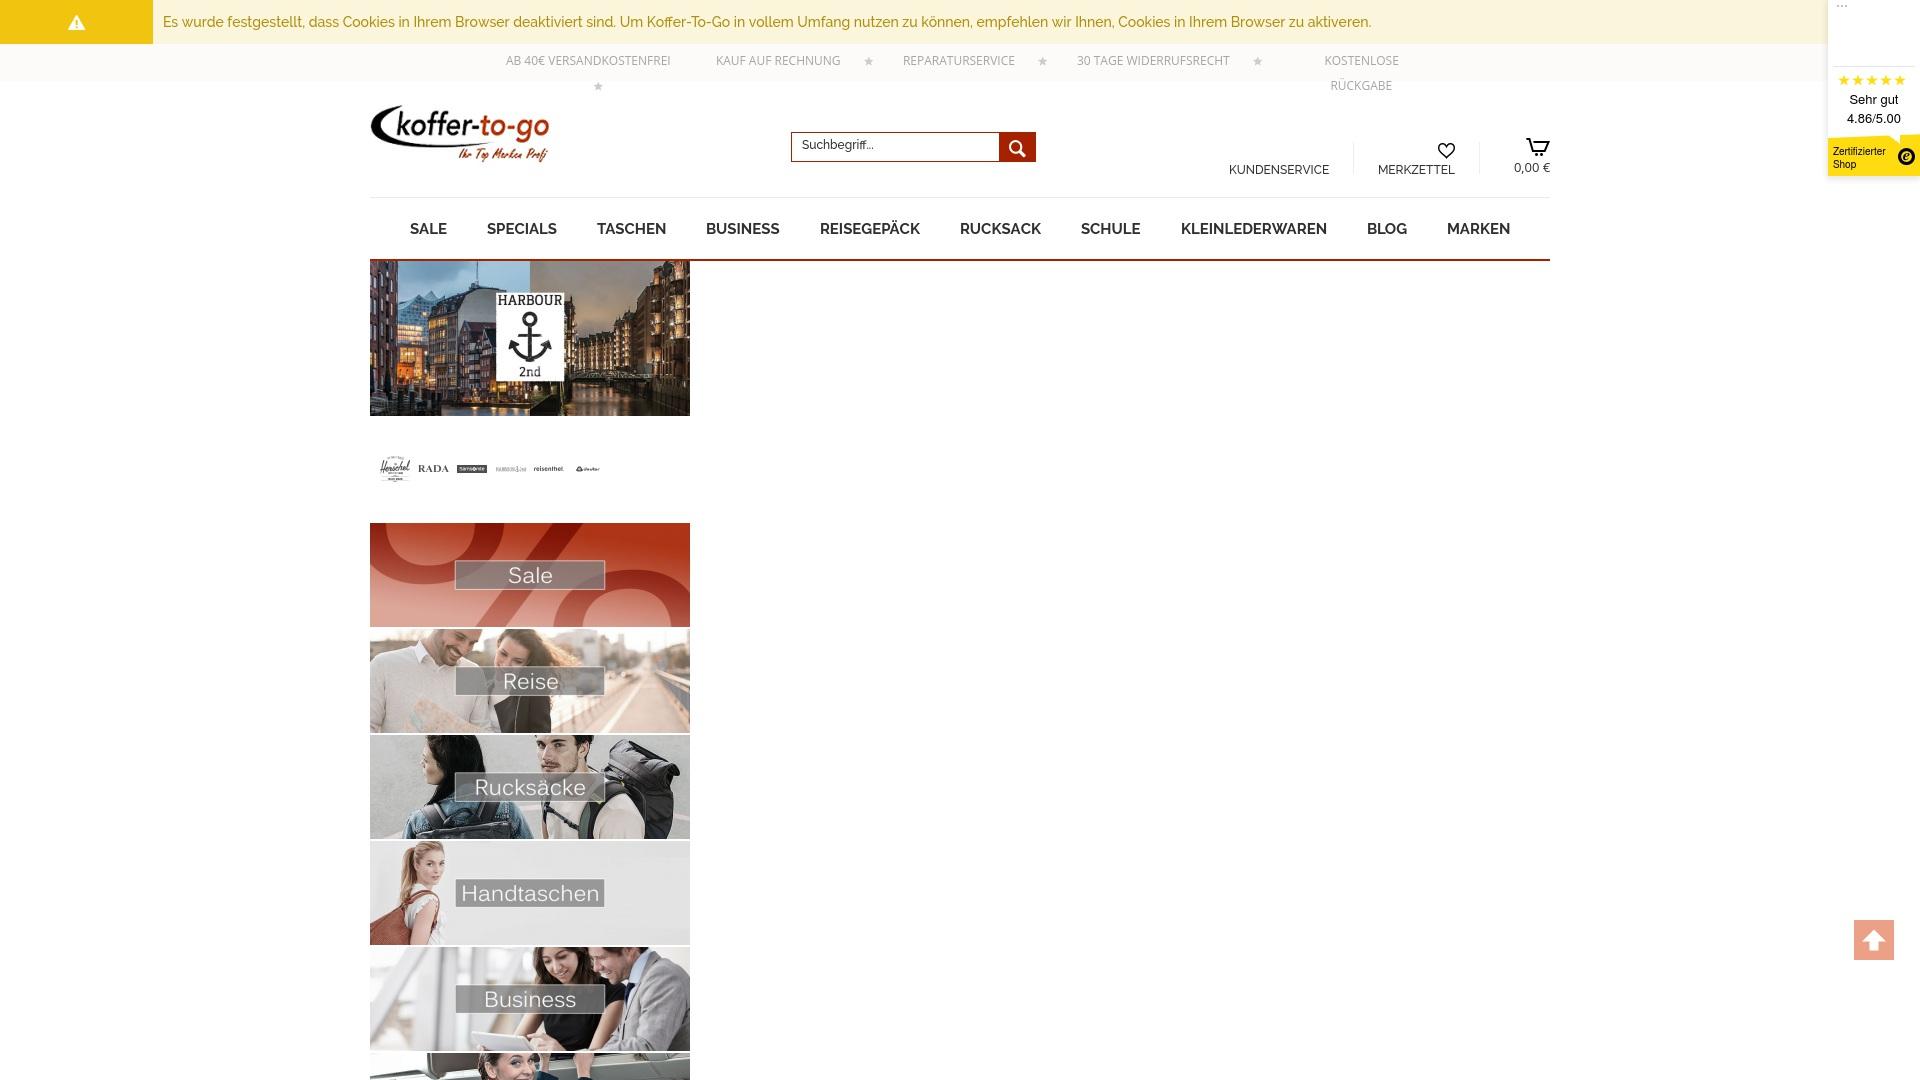 Gutschein für Koffer-to-go: Rabatte für  Koffer-to-go sichern